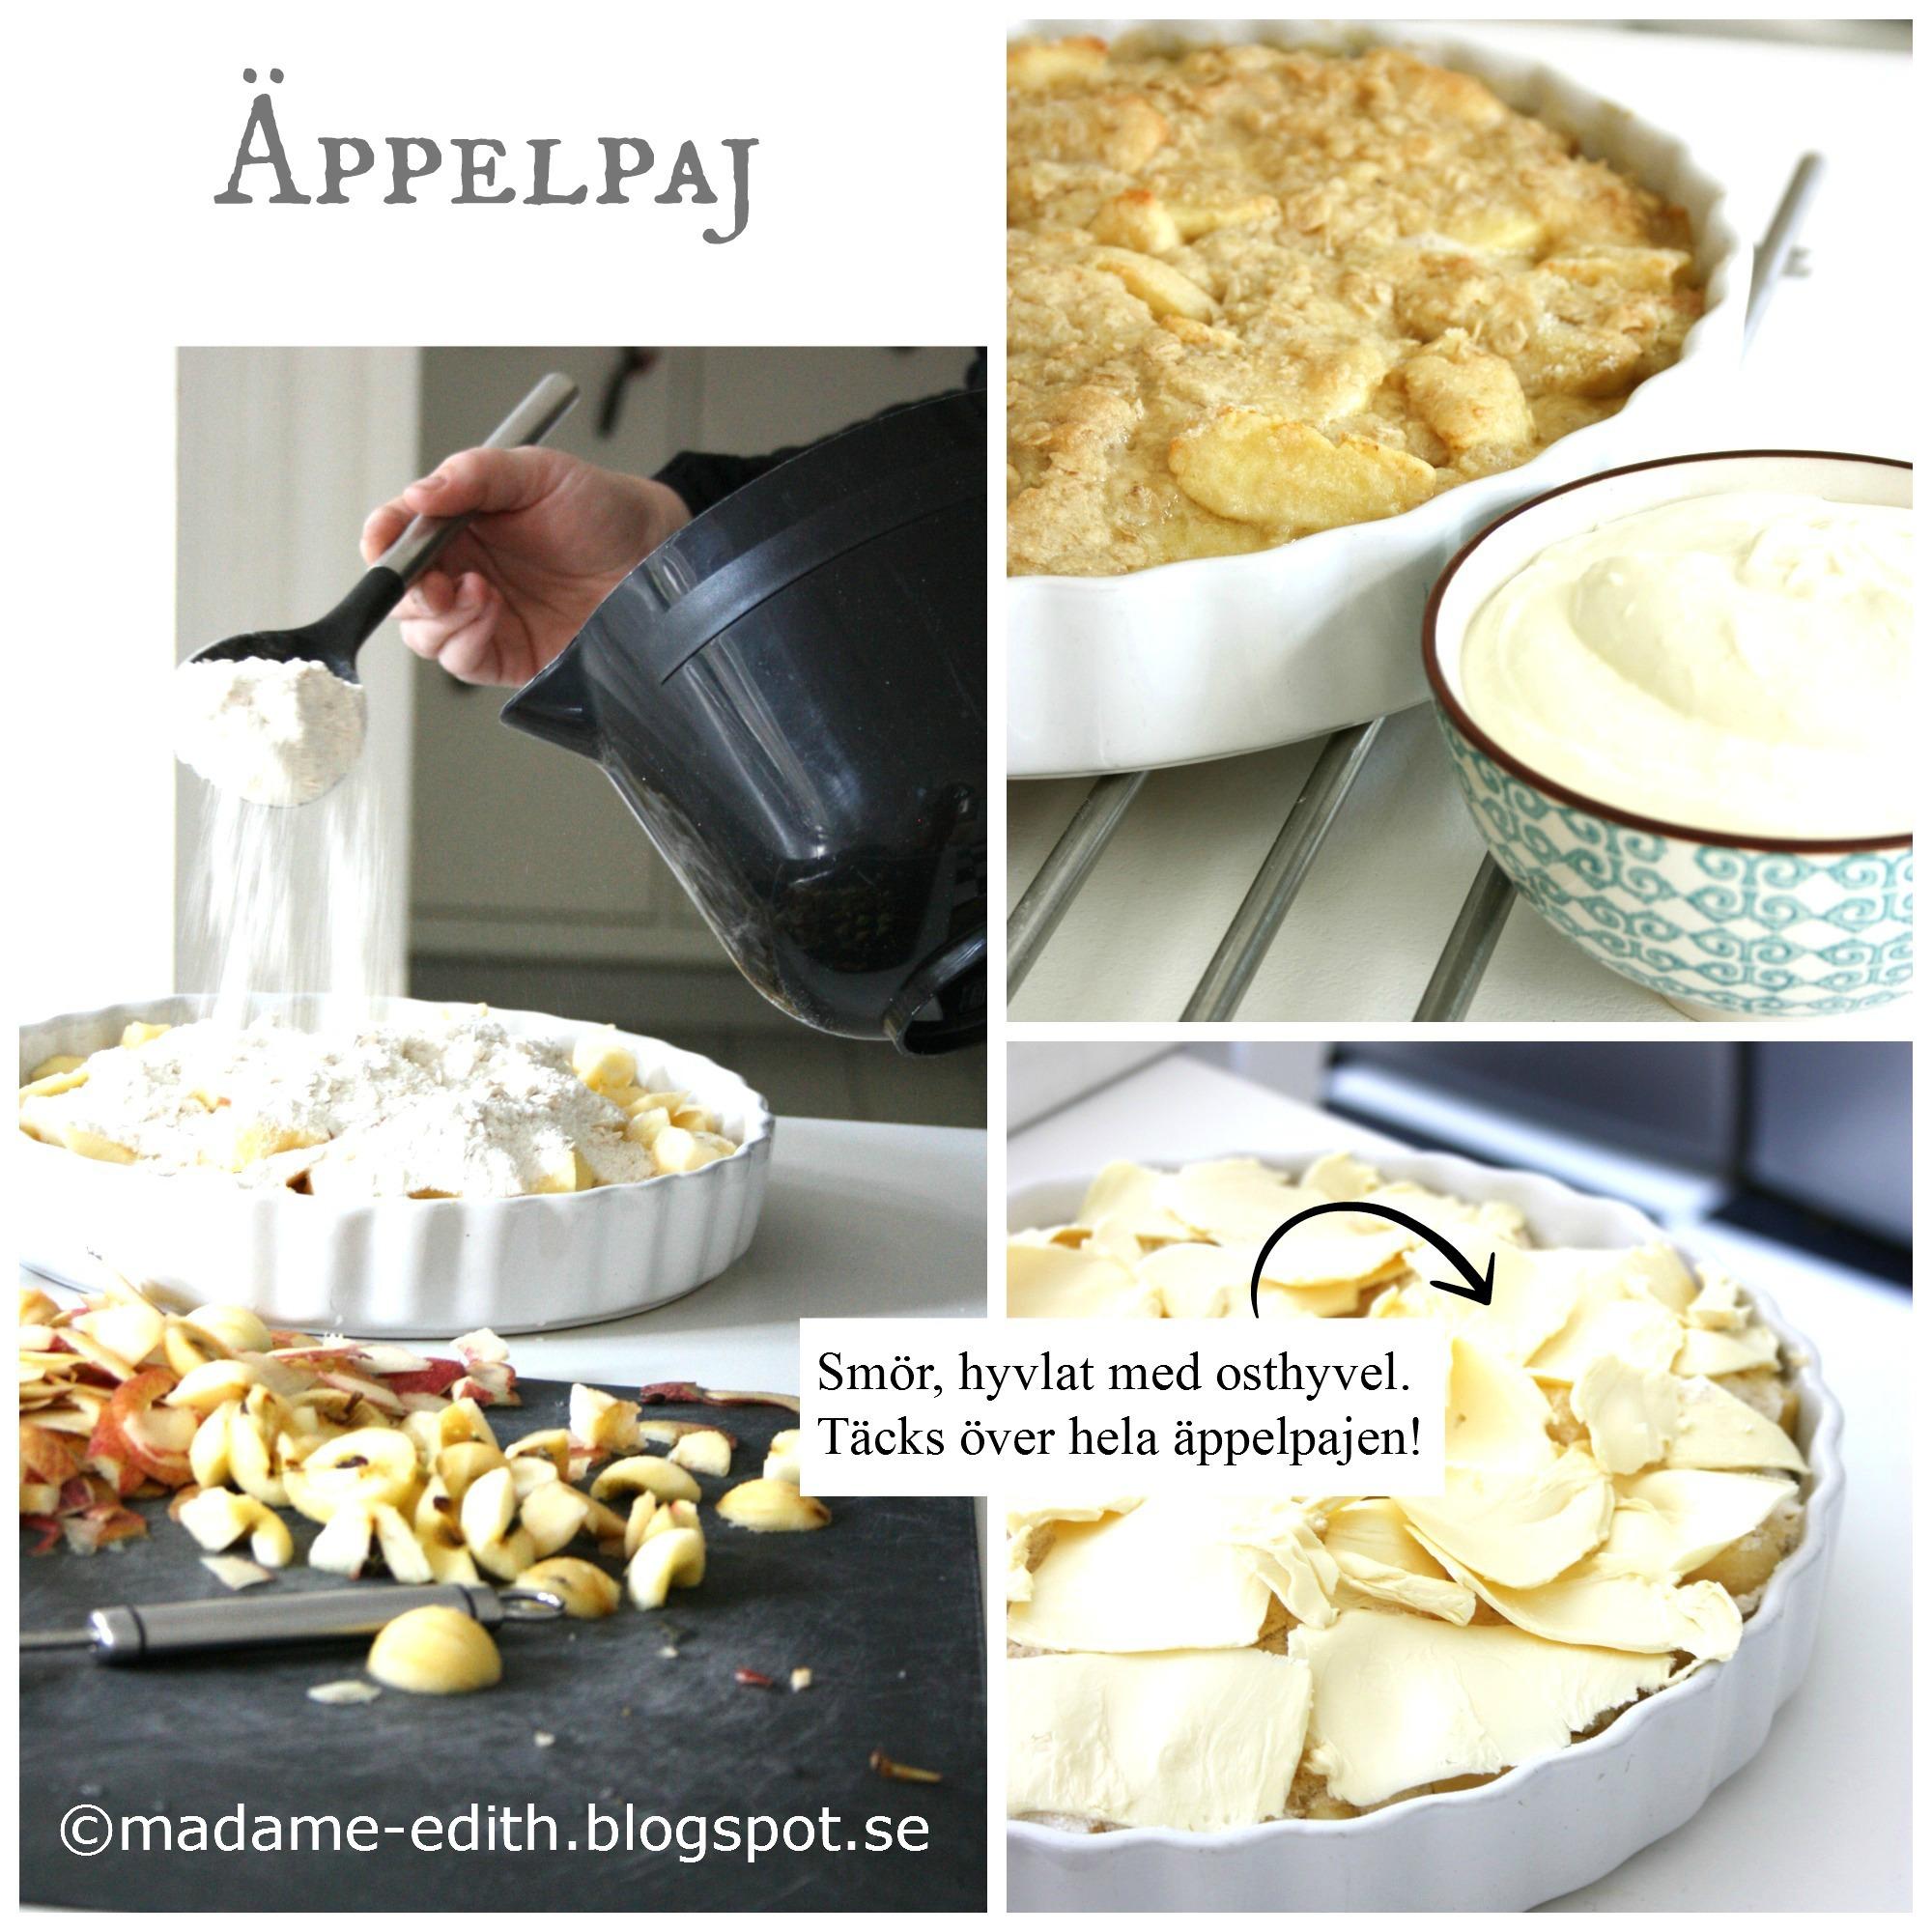 mias äppelpaj lyxfällan tv3.se